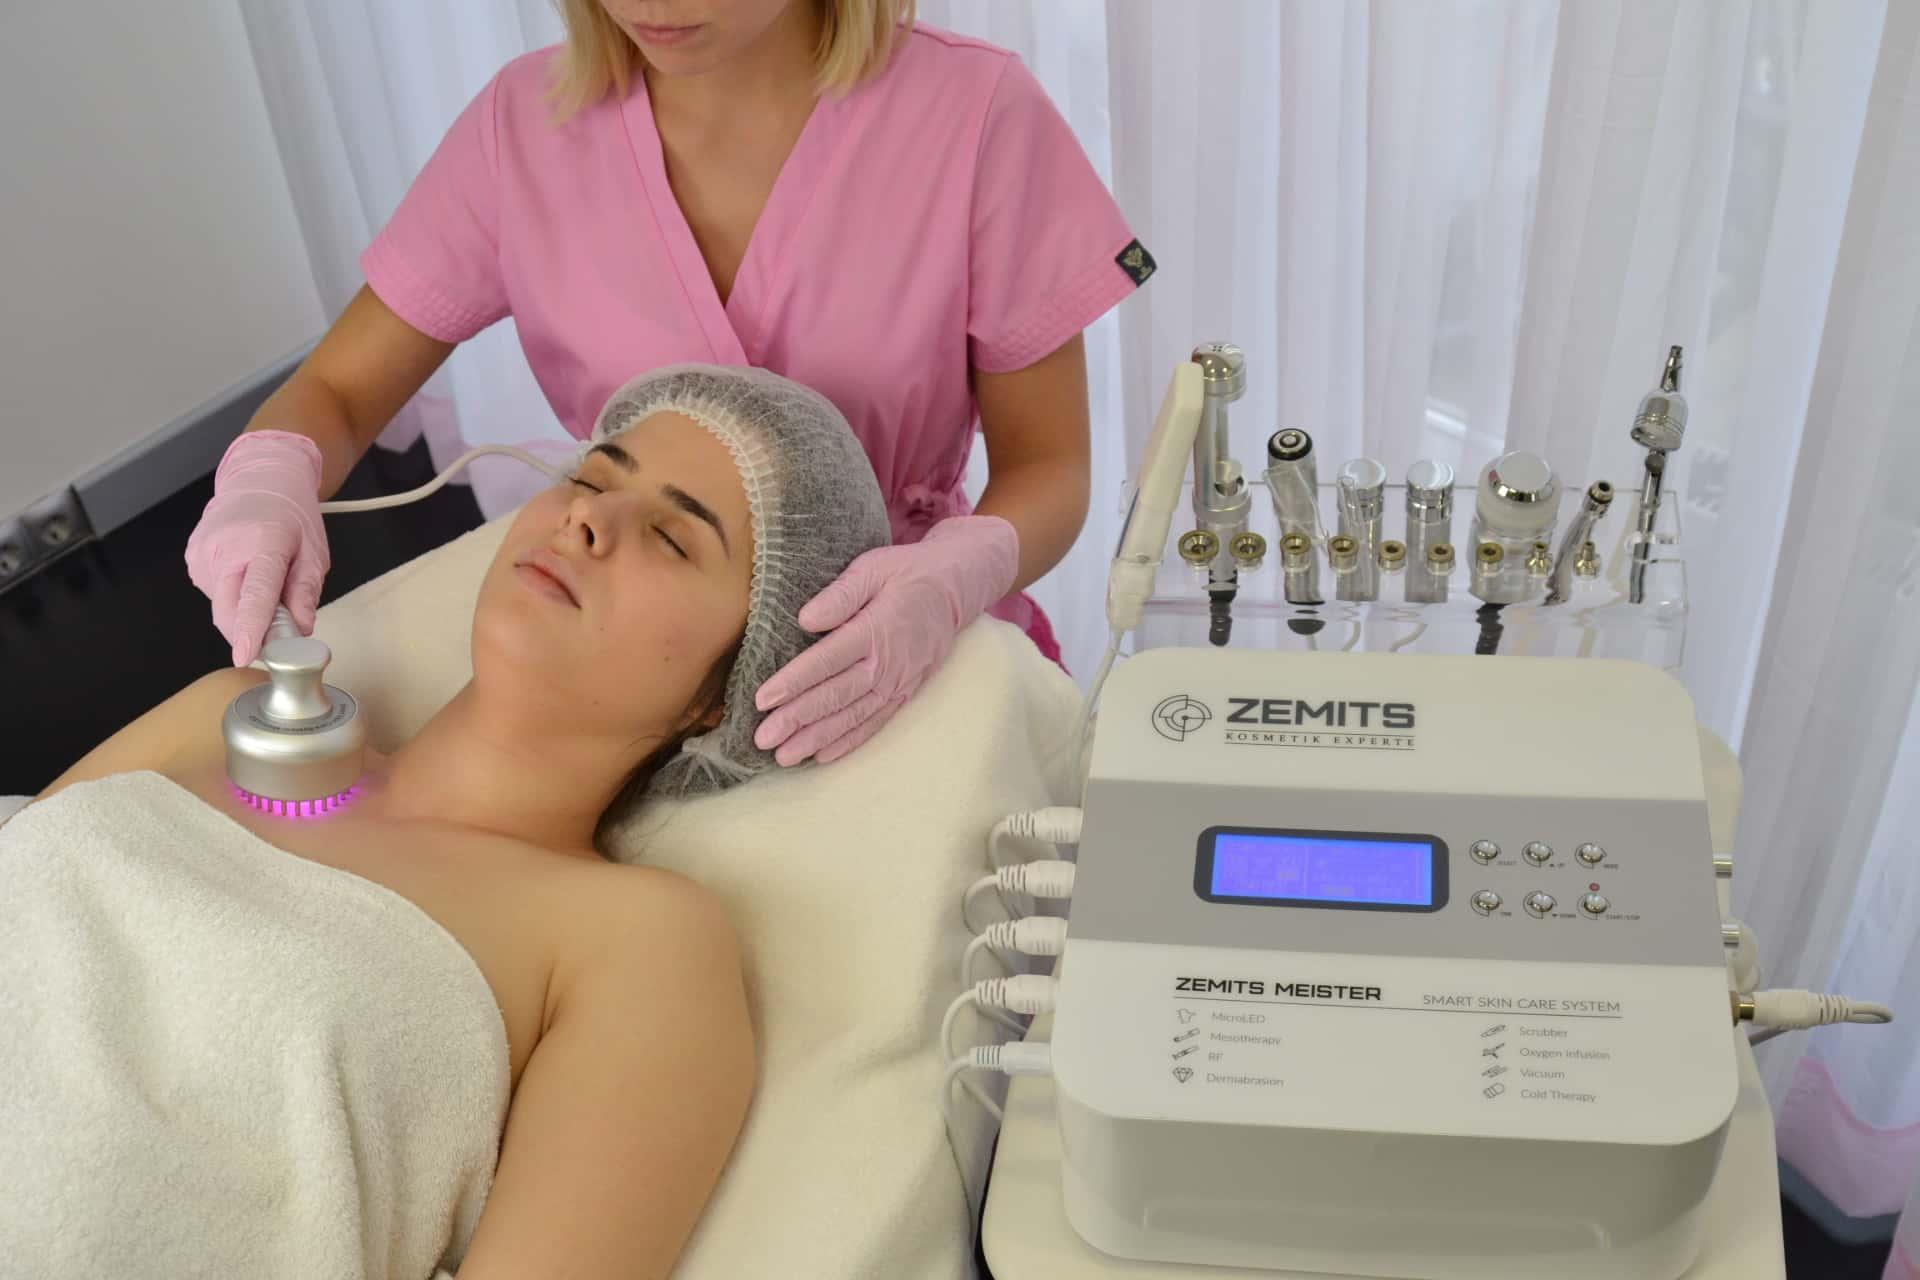 Kombajn do terapii twarzy przeciw starzeniu 8w1 Zemits Meister